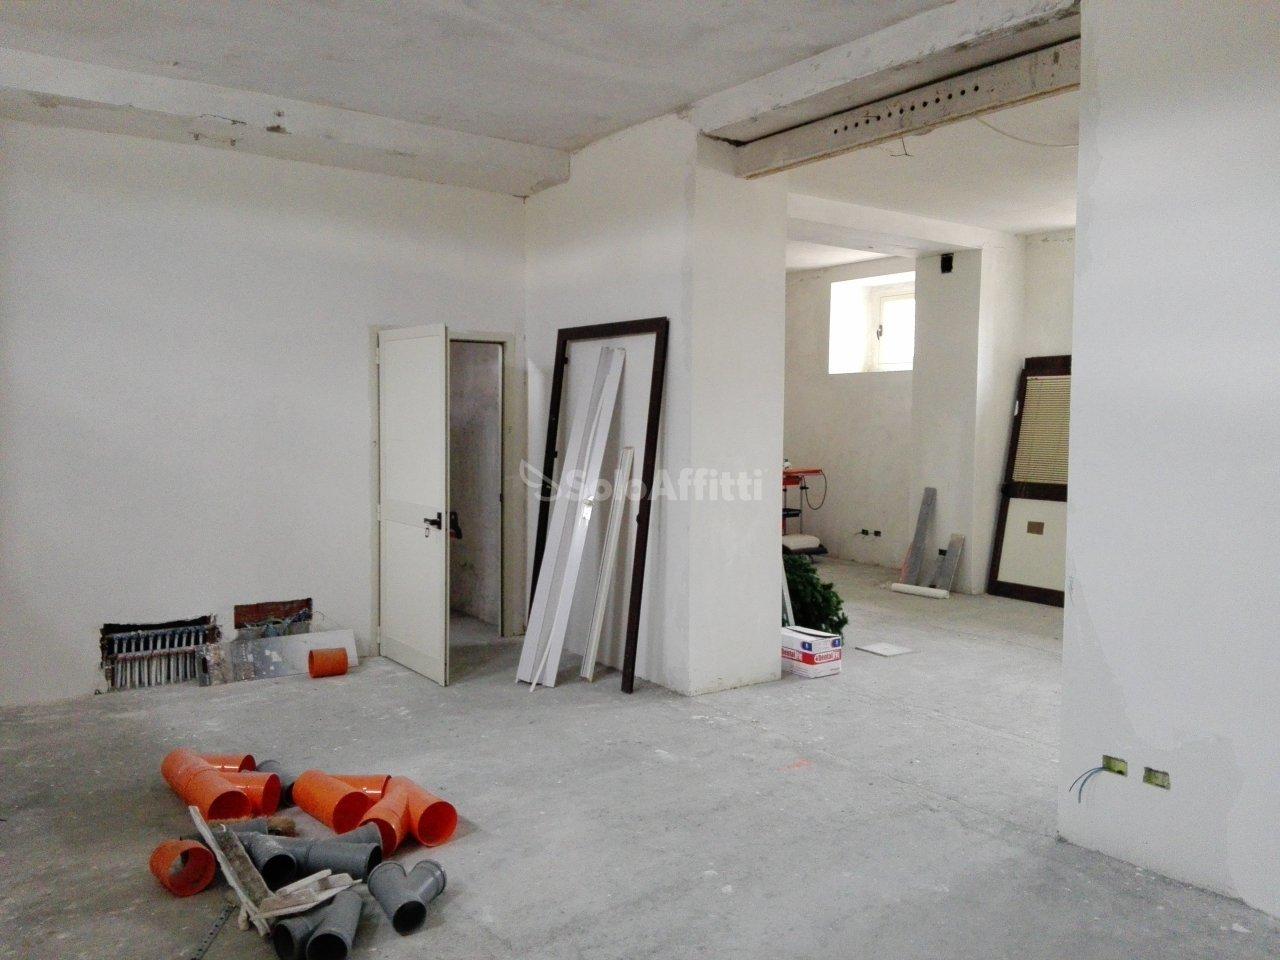 Fondo/negozio - 2 vetrine/luci a Lido Fortuna, Catanzaro Rif. 7170062